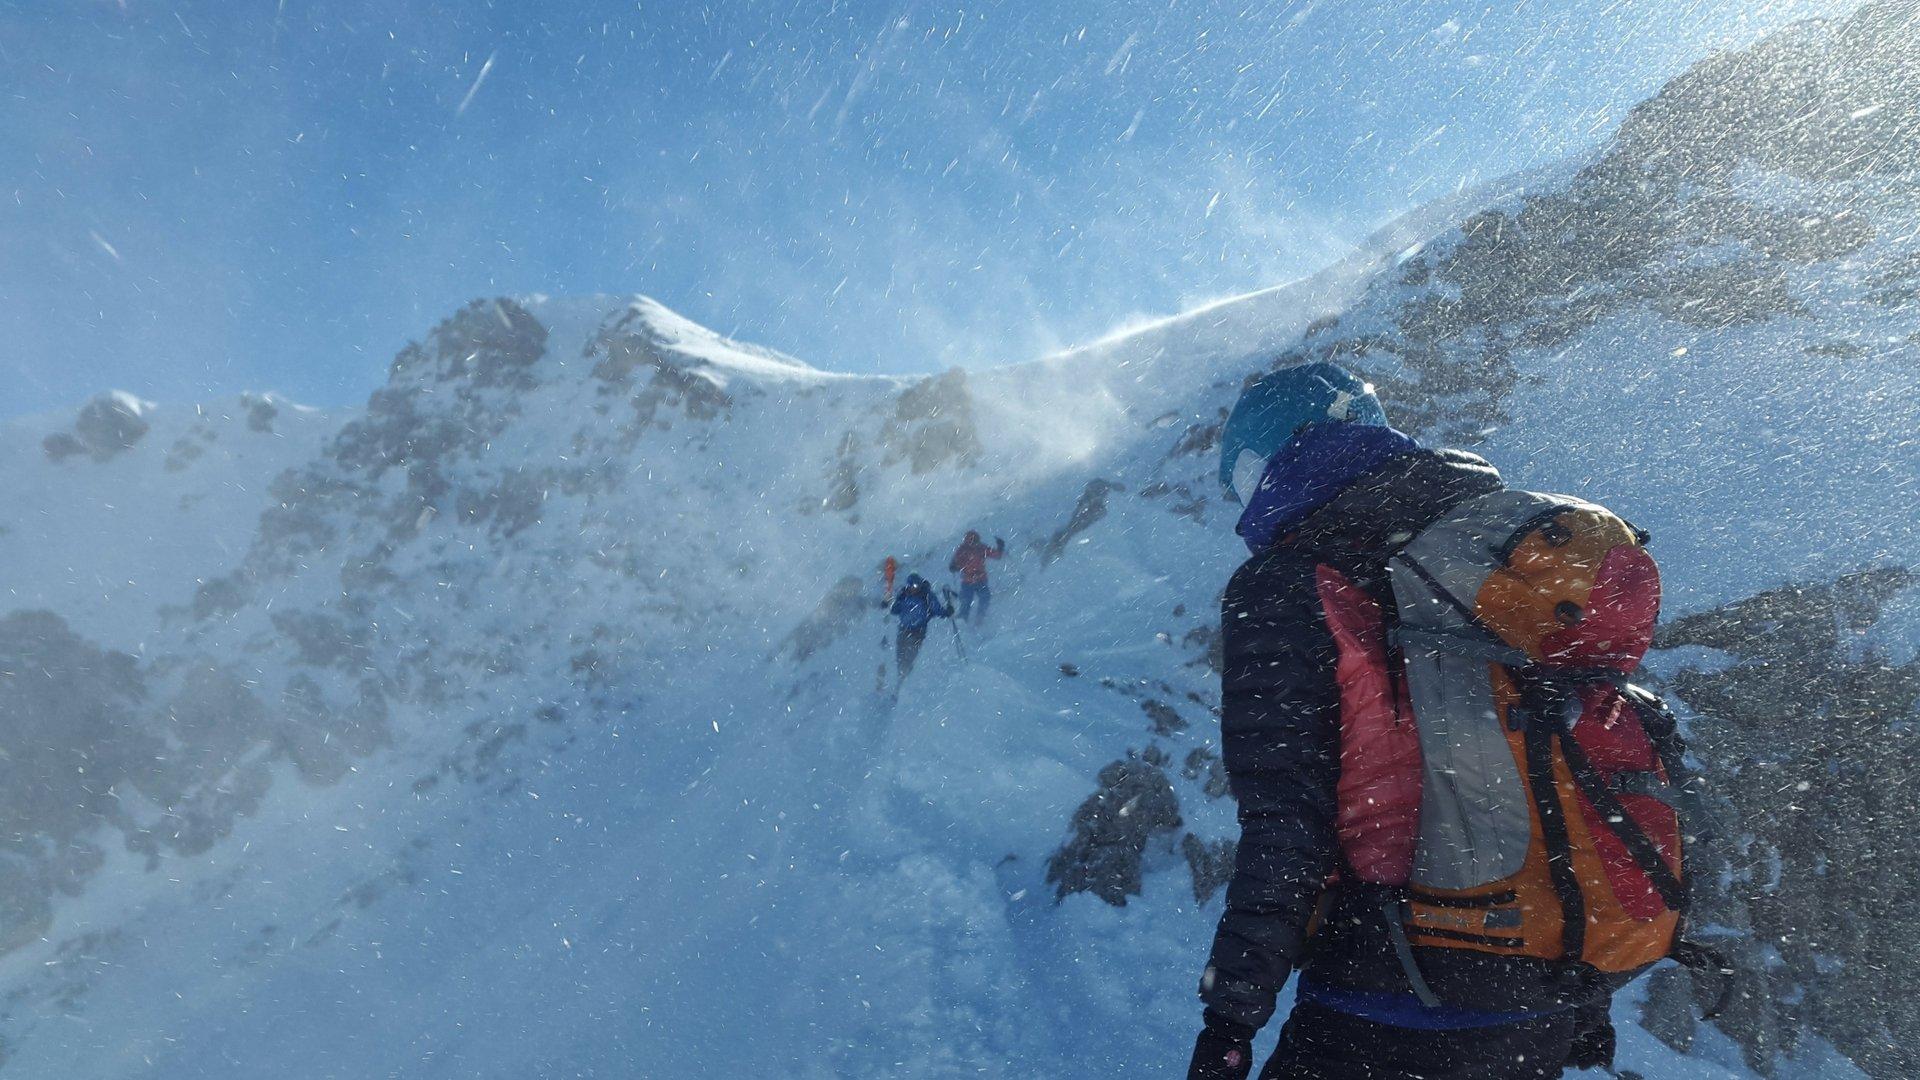 Zimowy kurs turystyki wysokogórskiej dla osób początkujących